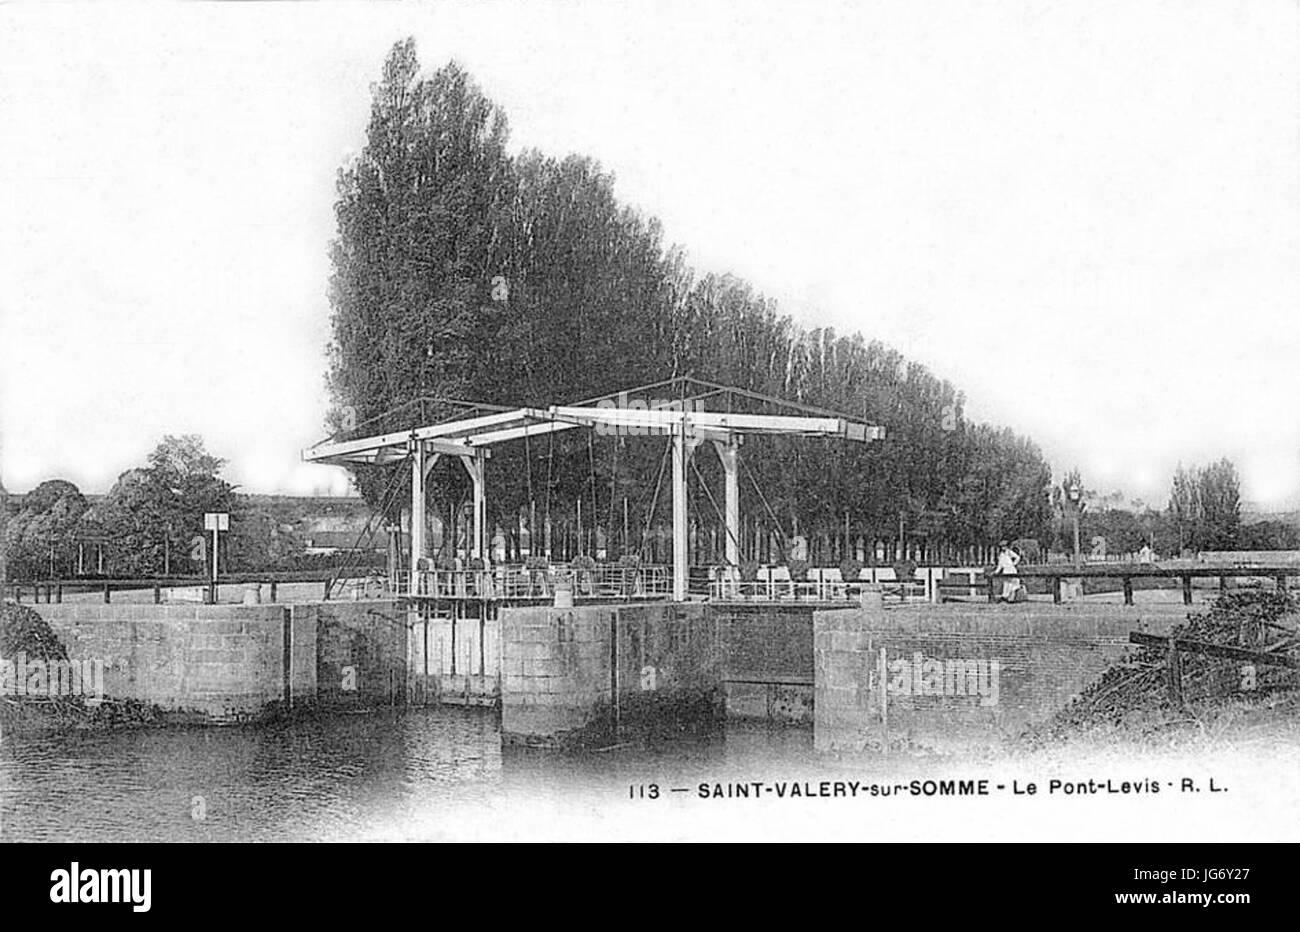 Saint-Valery-double-pont-levis - Stock Image